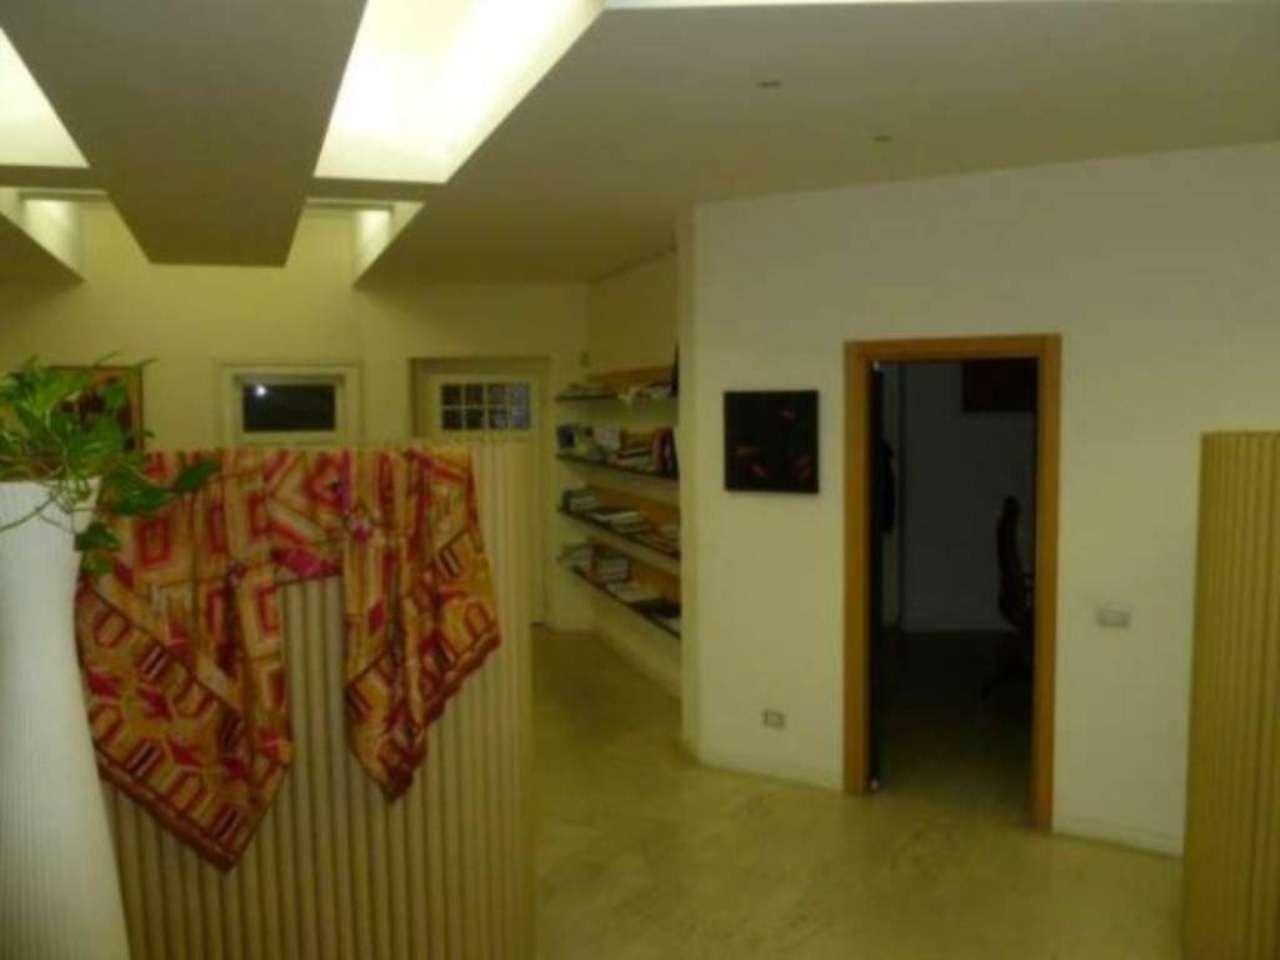 Ufficio / Studio in vendita a Milano, 5 locali, zona Zona: 1 . Centro Storico, Duomo, Brera, Cadorna, Cattolica, prezzo € 480.000 | Cambio Casa.it